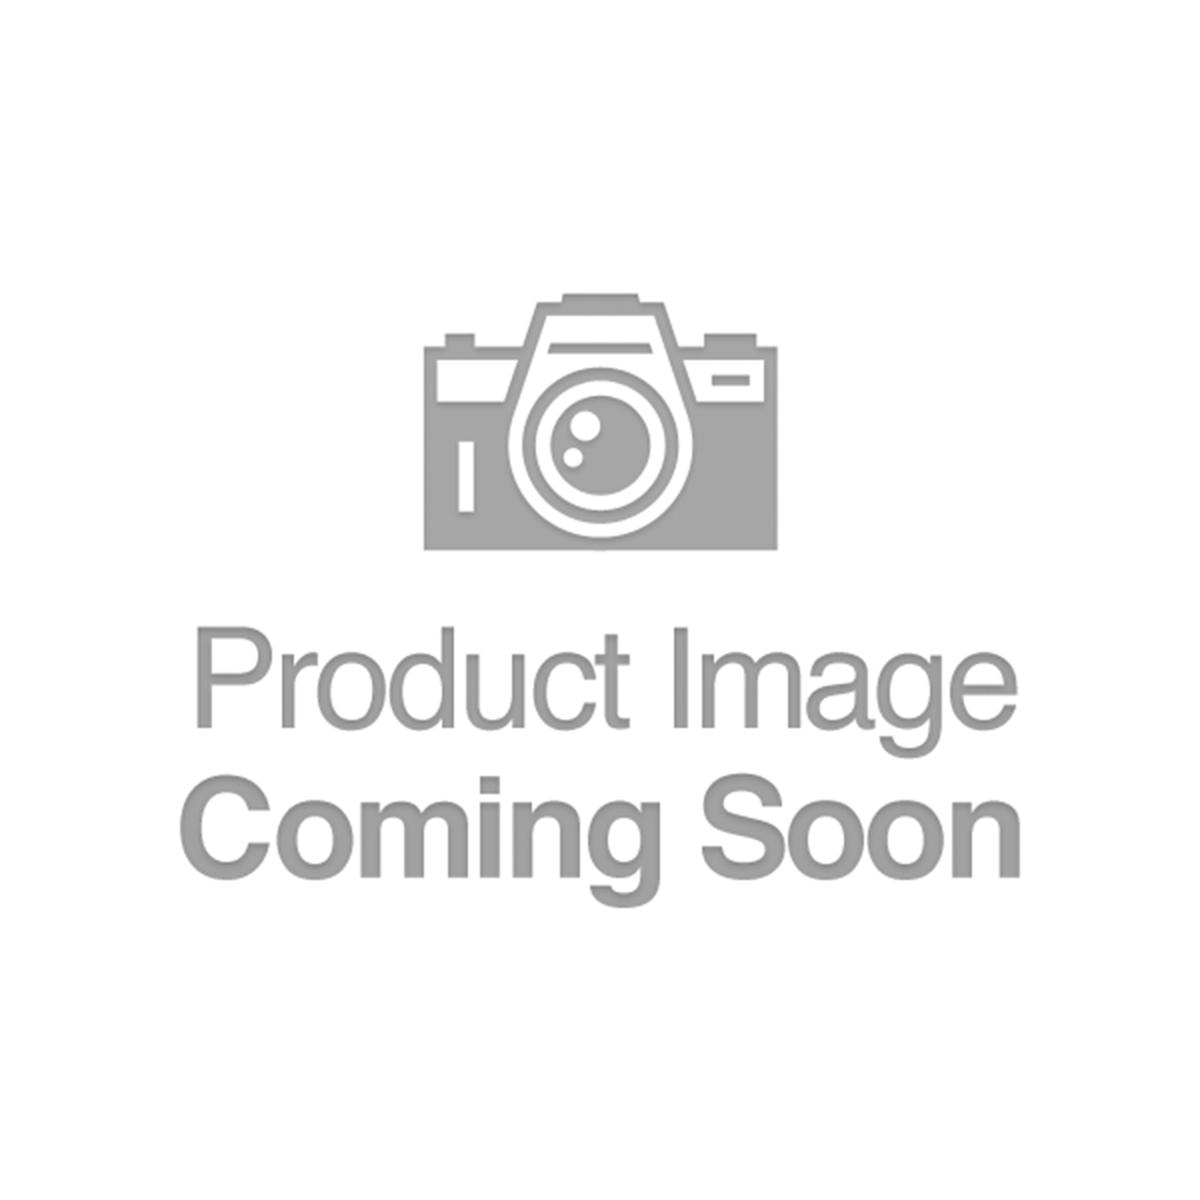 Albia – Iowa – CH 8603 – FR 1801-1 – Fine